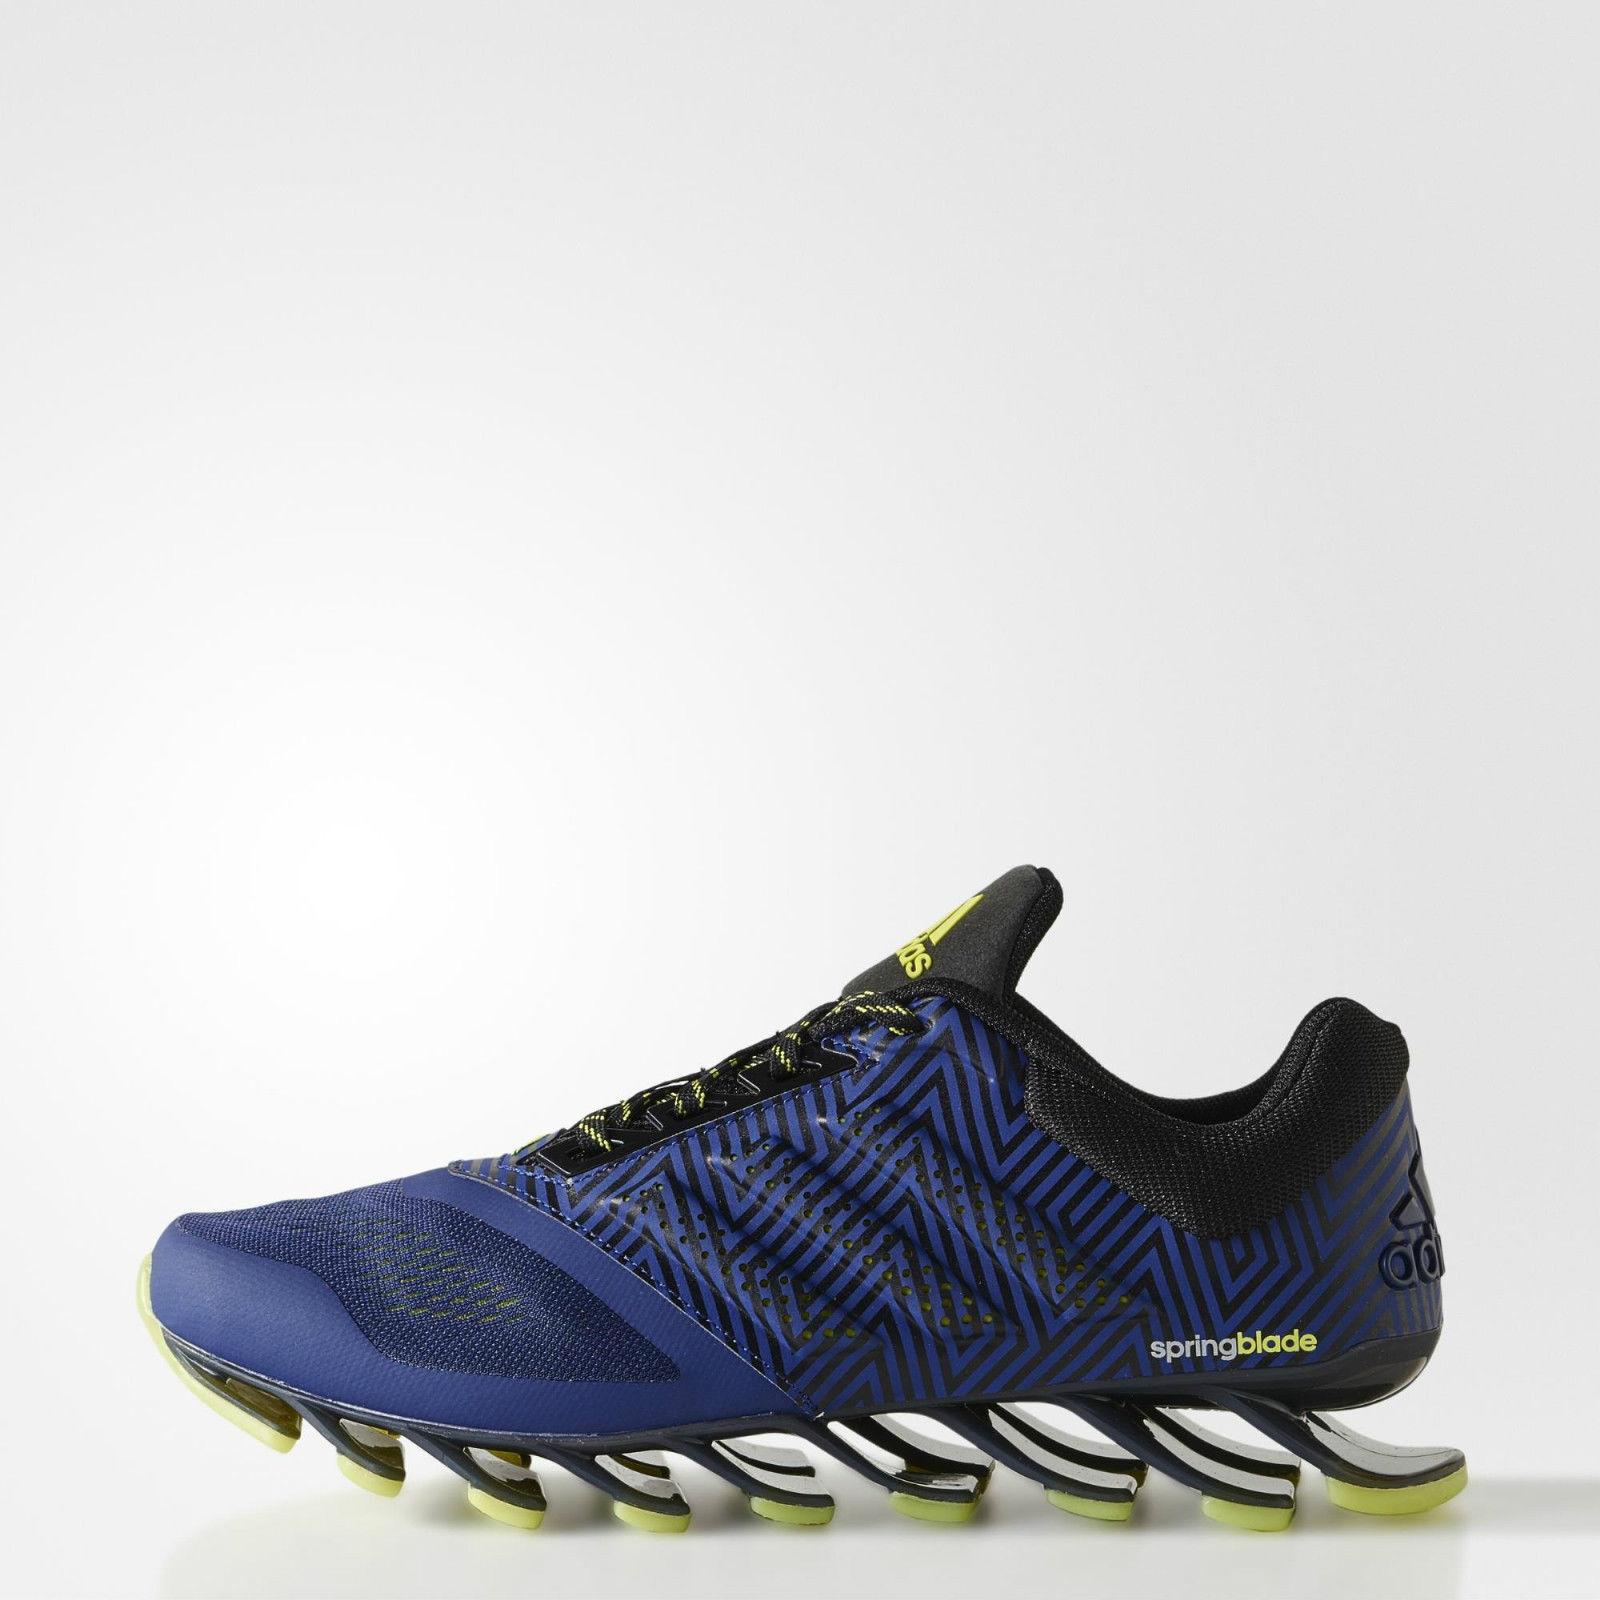 Adidas Springblade Drive 2 Azul Original Azul 2 Zapatillas 01a6c6